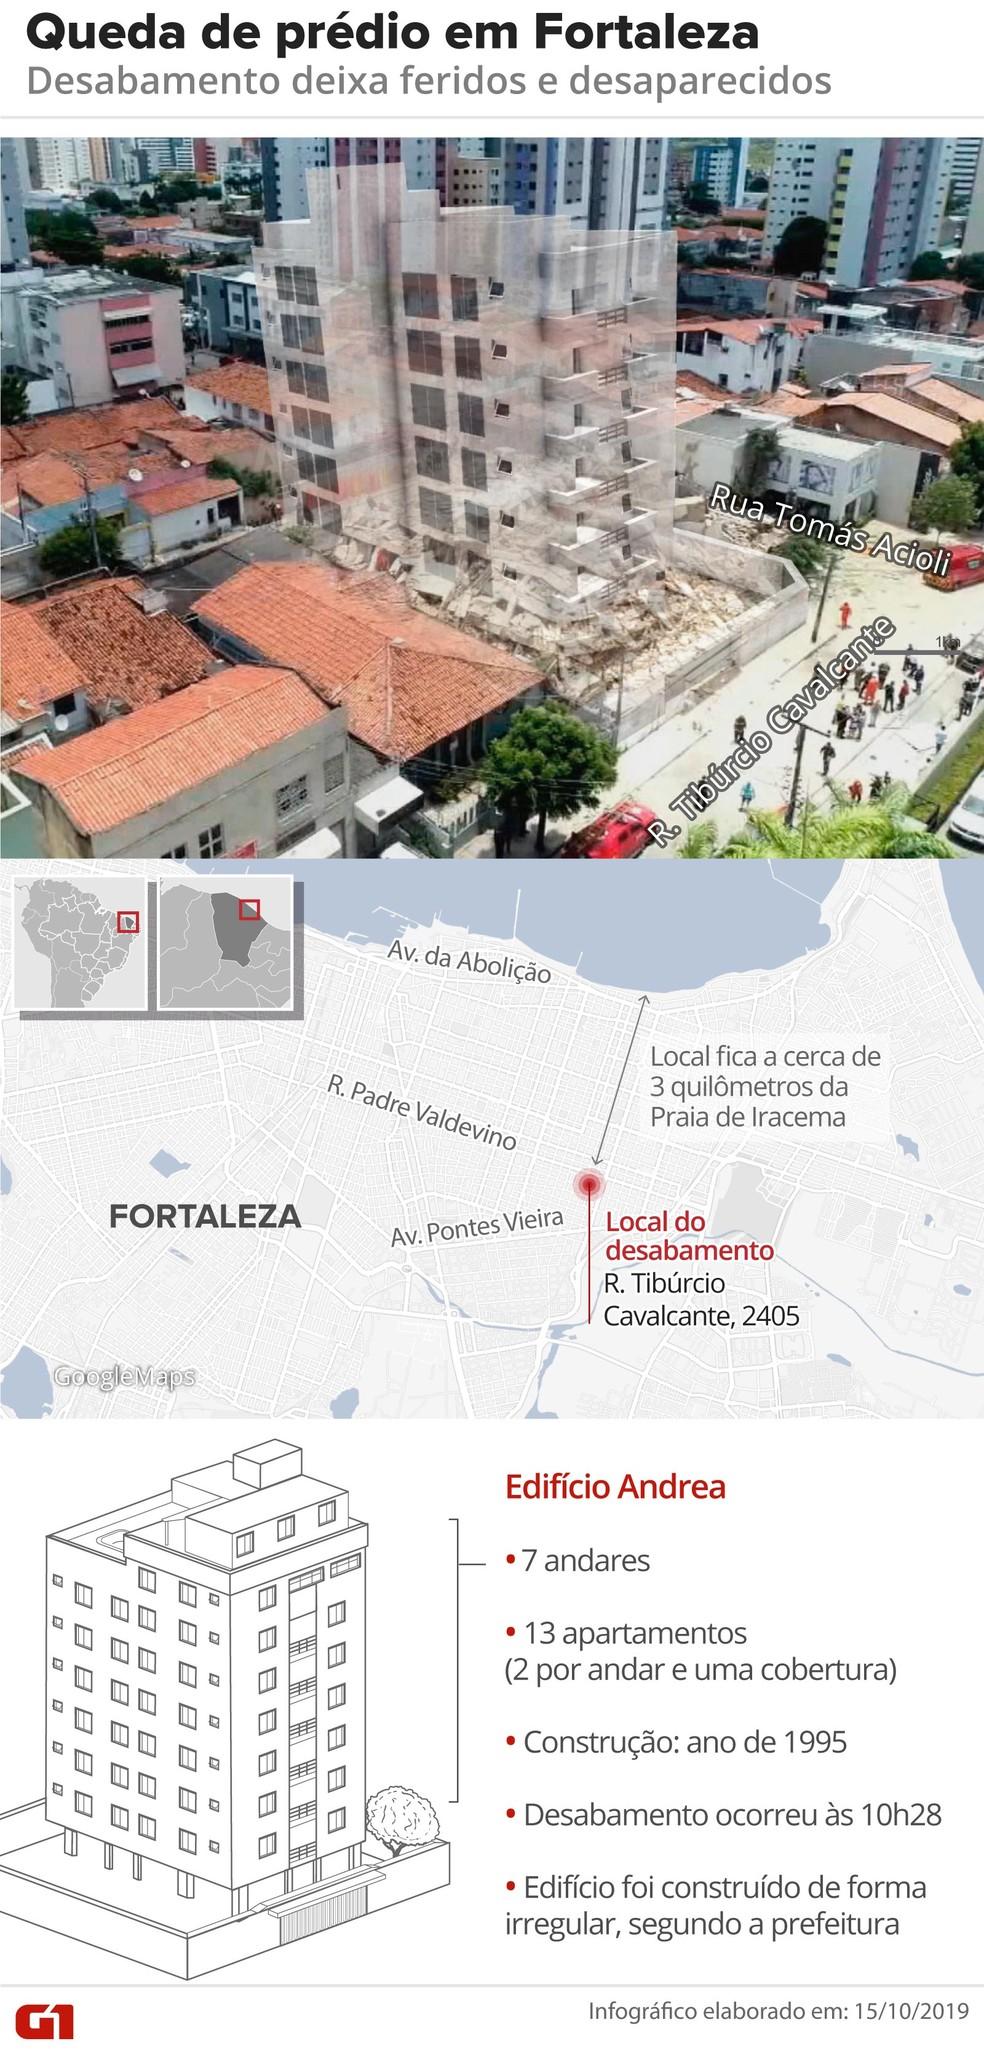 Mapa detalha prédio que desabou em Fortaleza — Foto: Arte G1